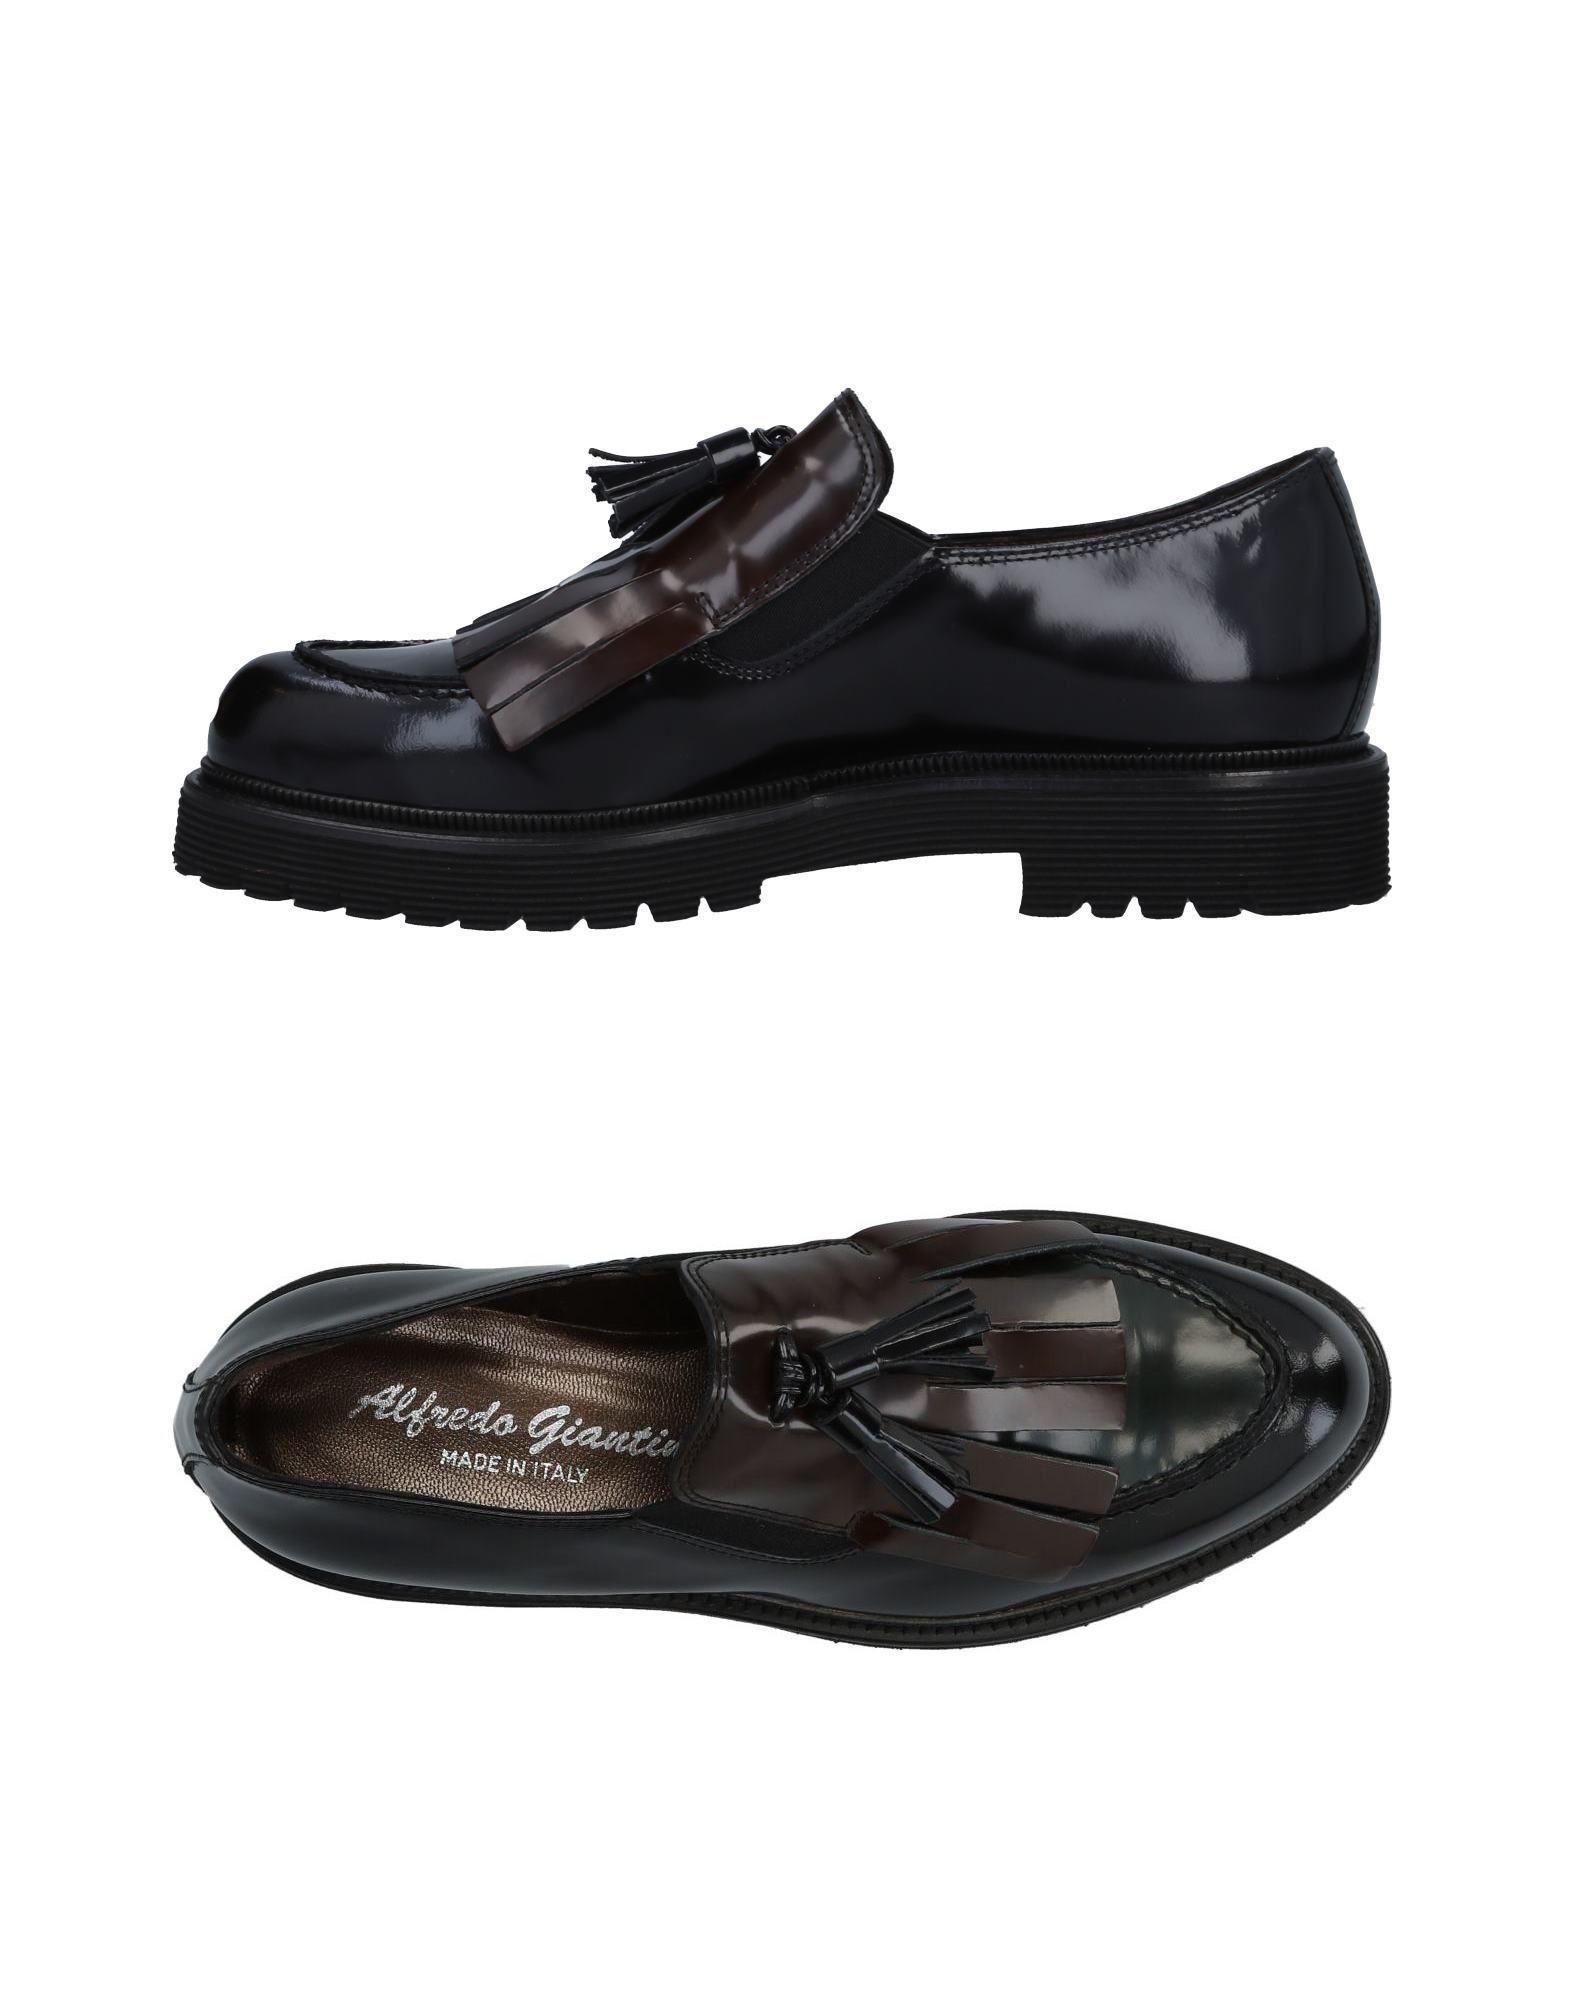 Alfredo Giantin Mokassins Damen  11495263BI Gute Qualität beliebte Schuhe